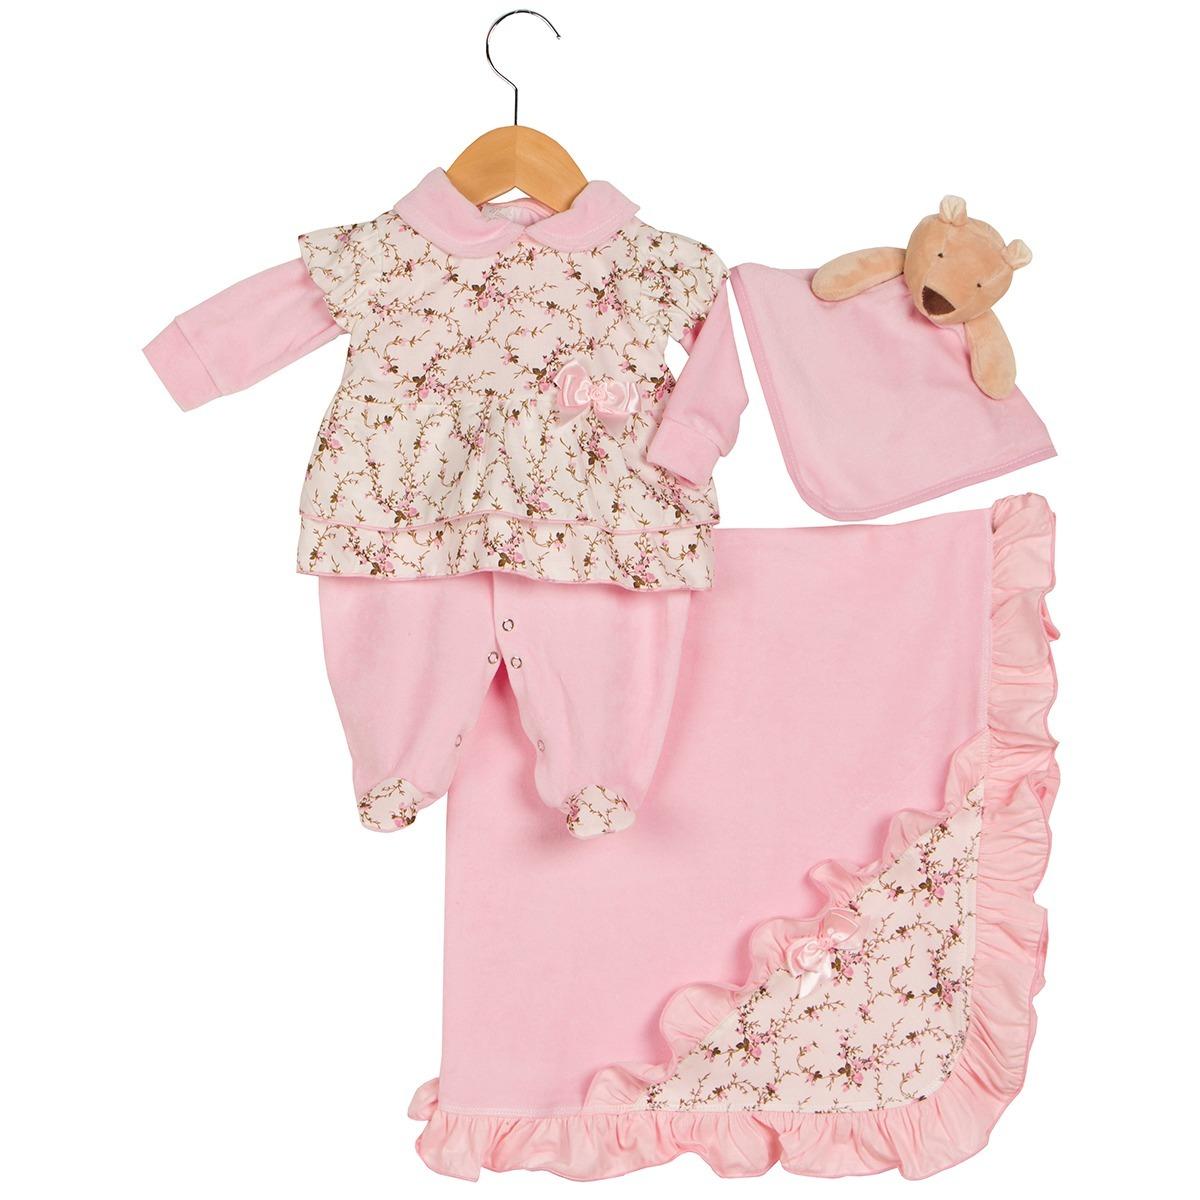 c0a49c5bdf saida maternidade elegance rosa - 04 peças - frete grátis. Carregando zoom.